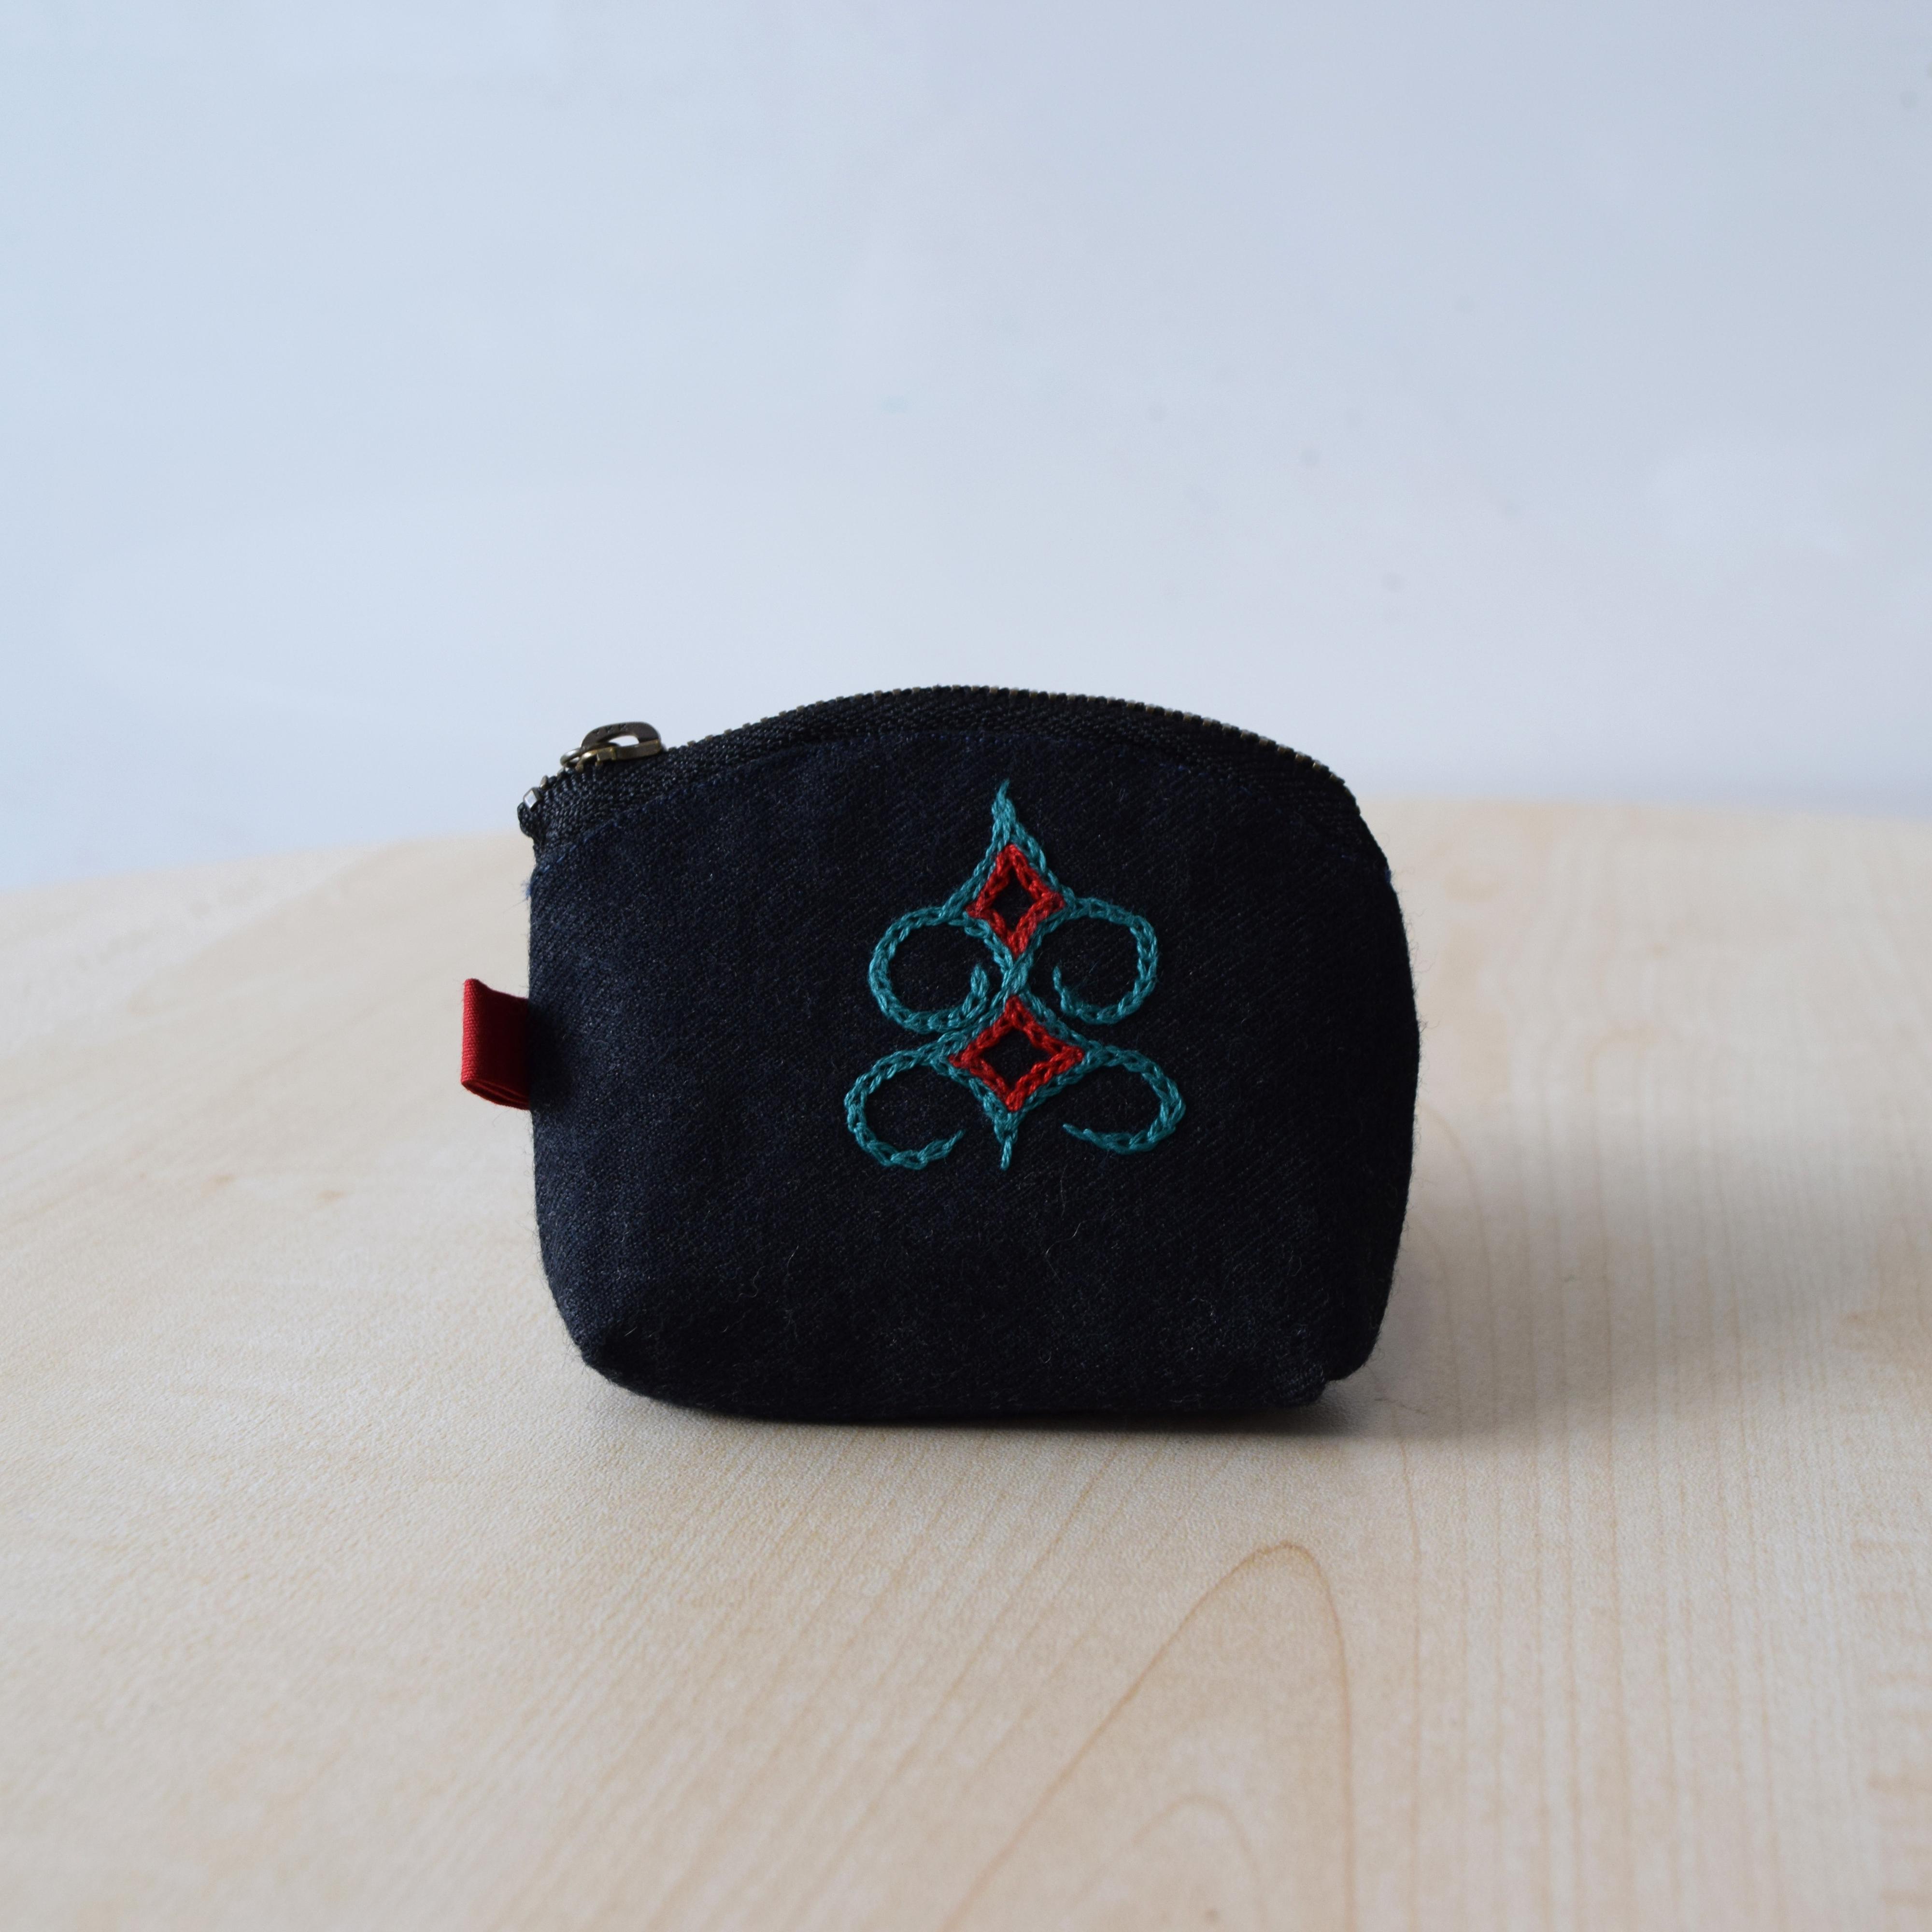 小銭入れ(黒、緑刺繍)  coin purse 【さっぽろアイヌクラフト】